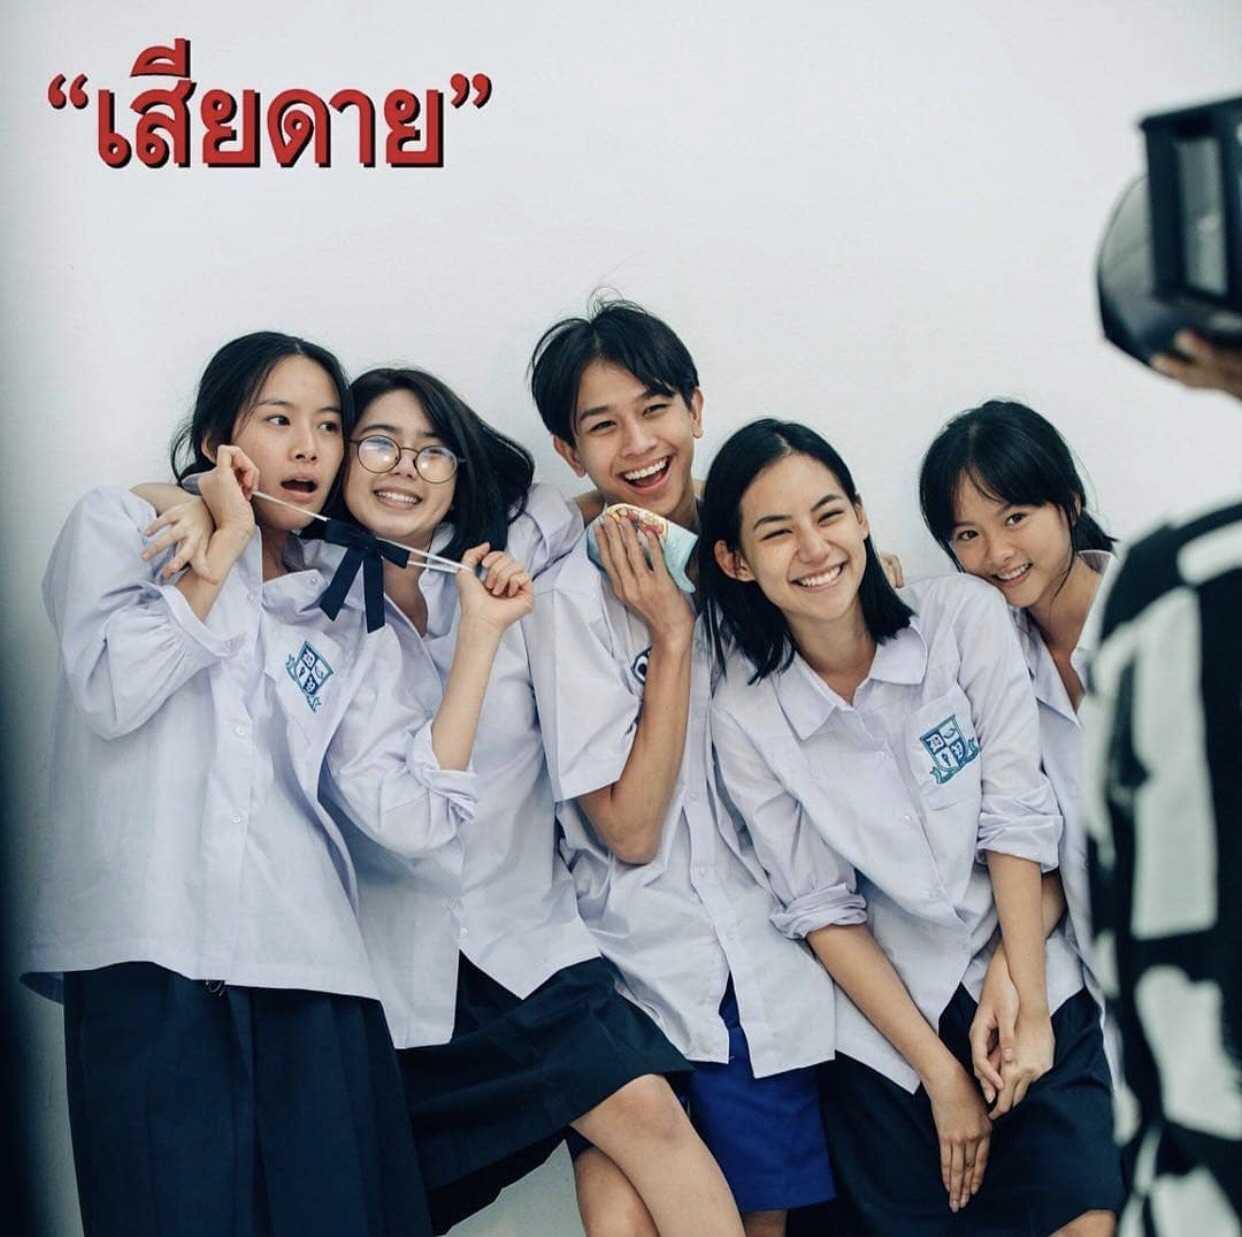 เสียดาย-2020-ตอนที่-1-24-พากย์ไทย